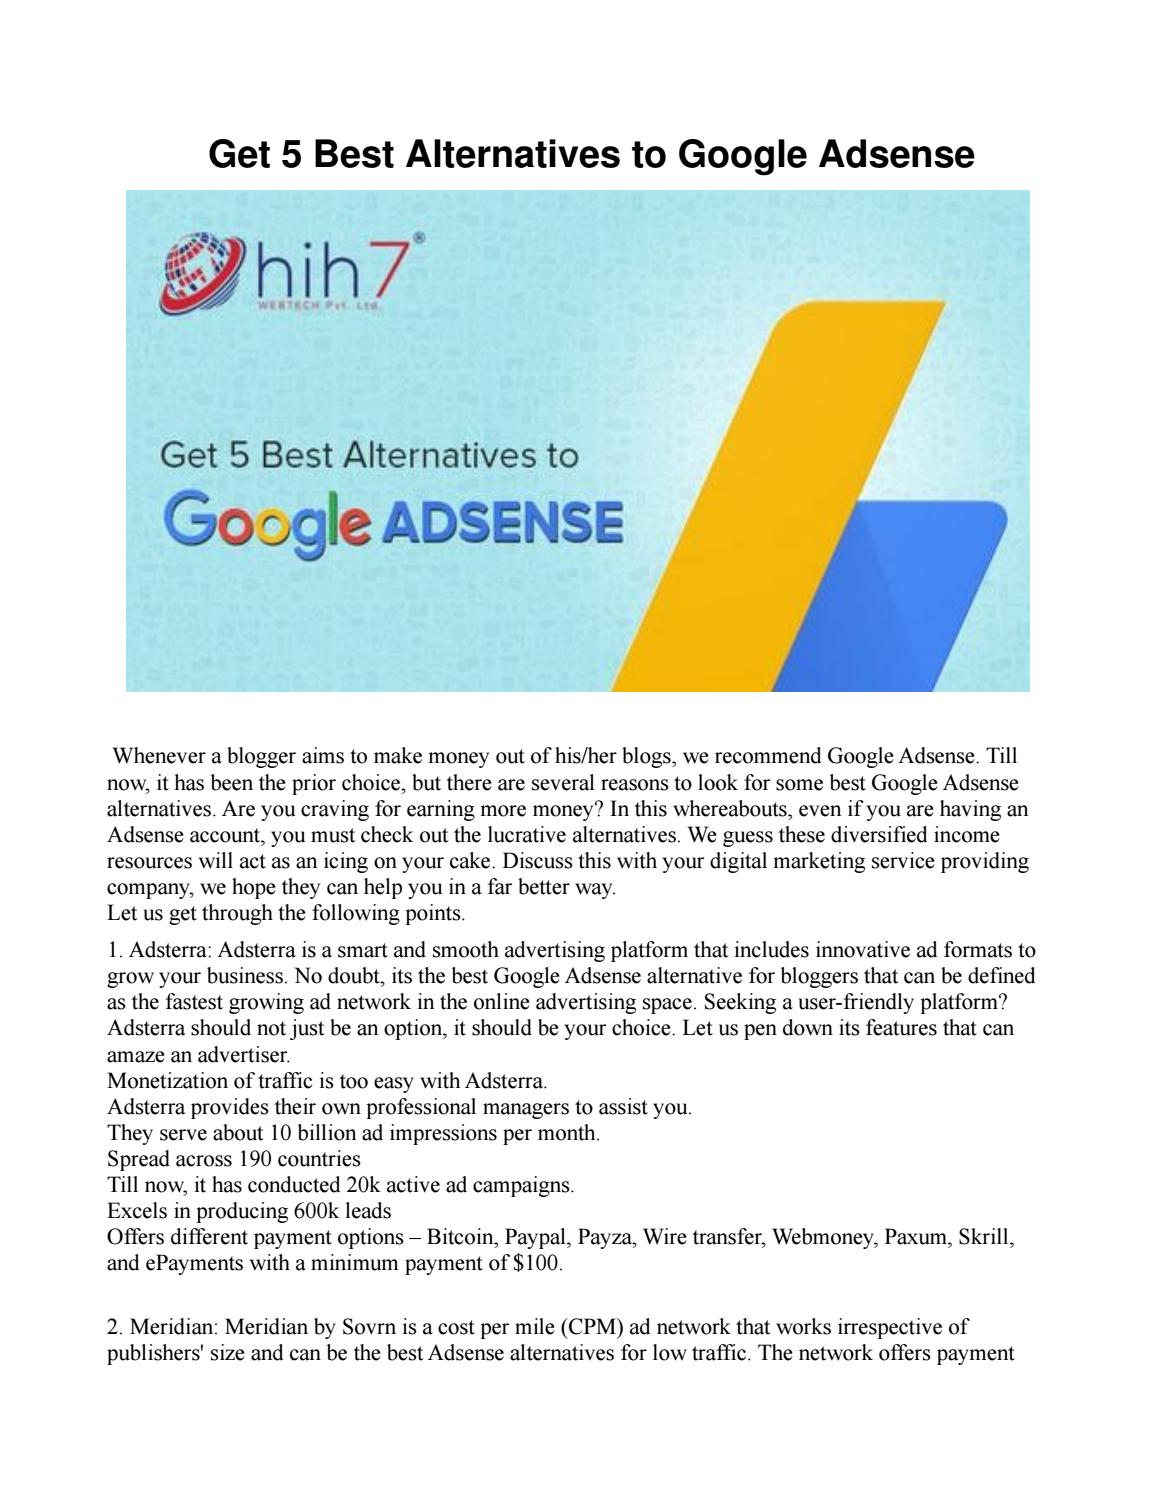 Get 5 Best Alternatives to Google Adsense by Hih7 Webtech